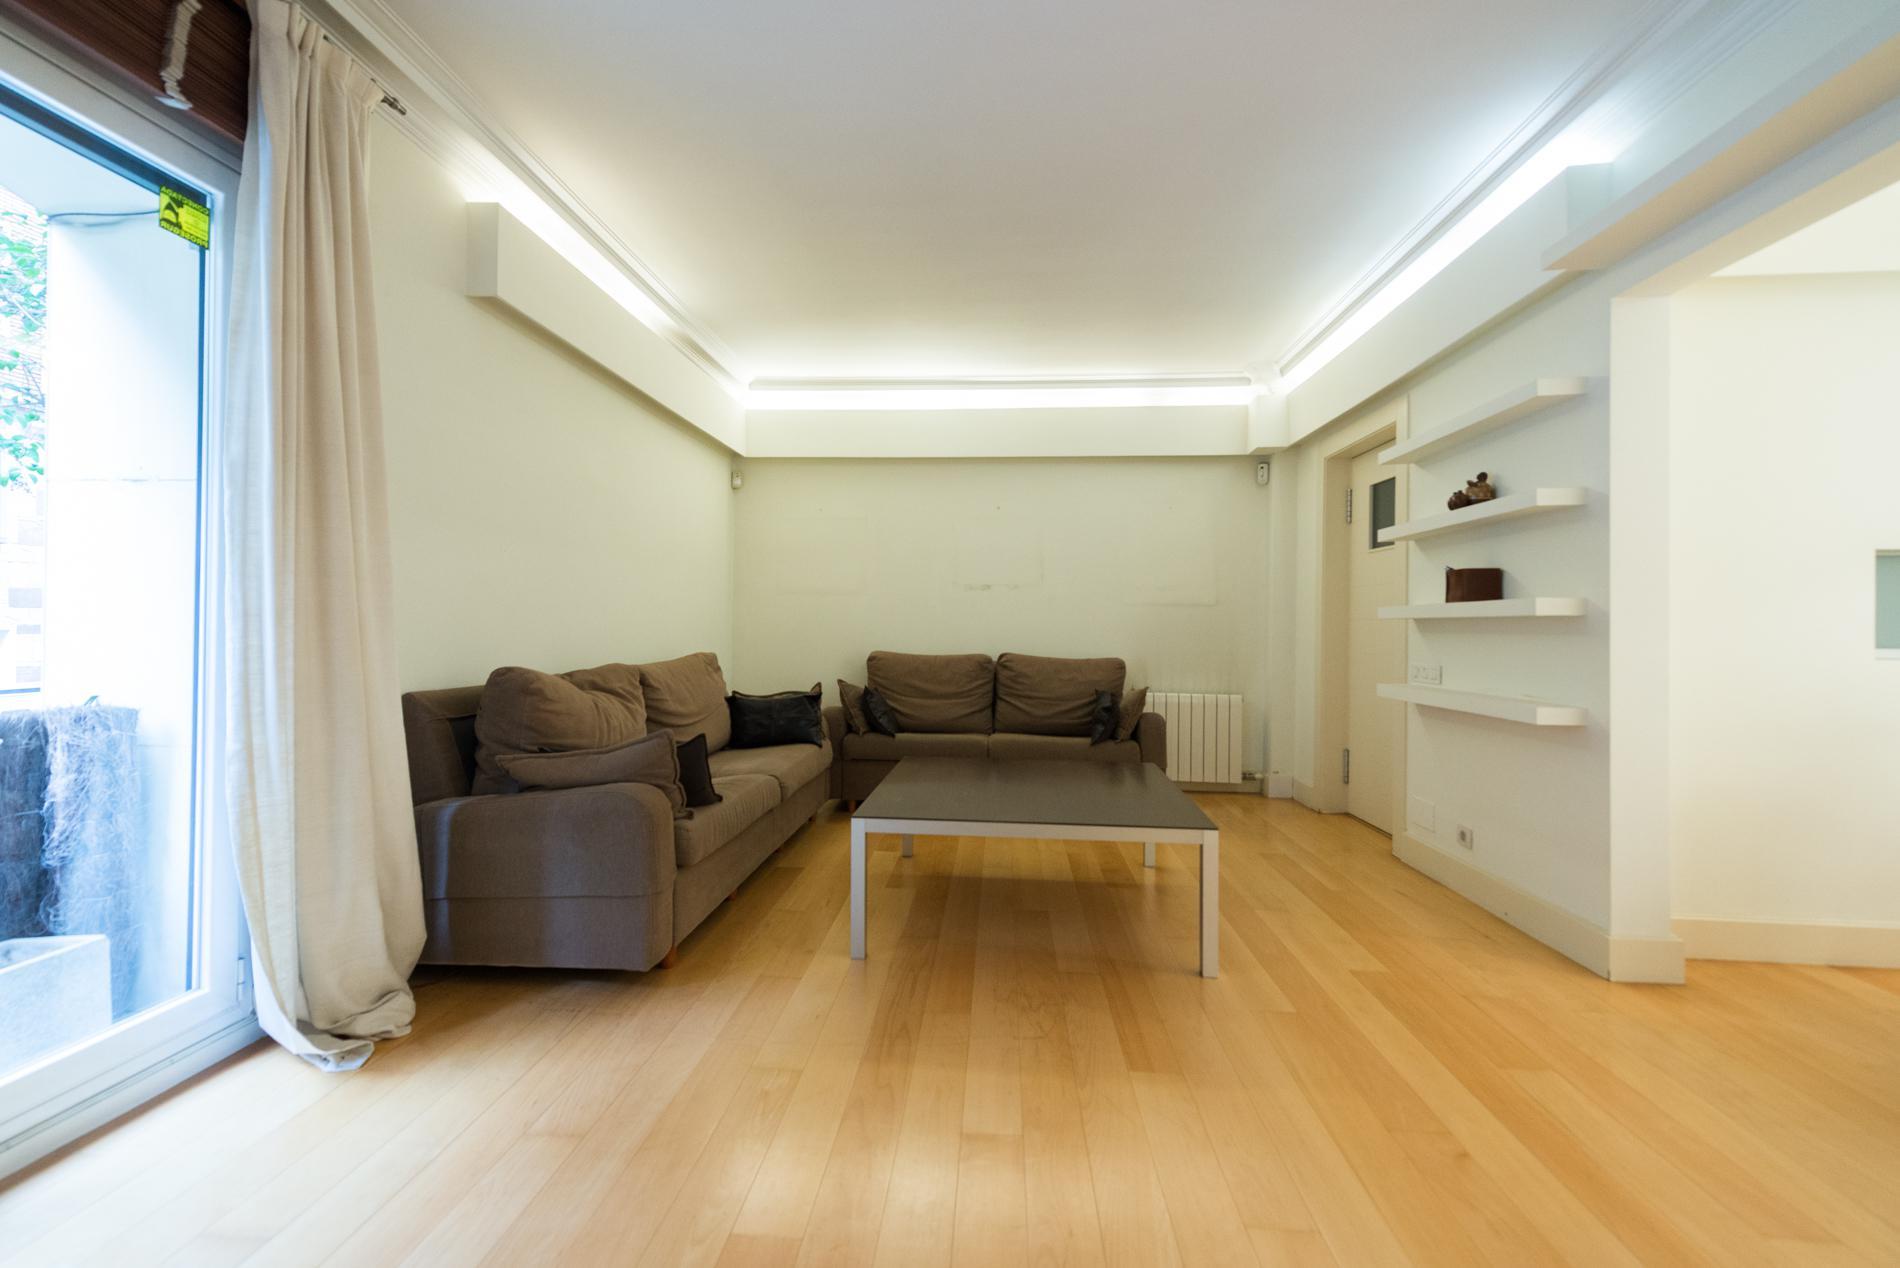 247761 Ground Floor for sale in Sarrià-Sant Gervasi, St. Gervasi-Bonanova 3